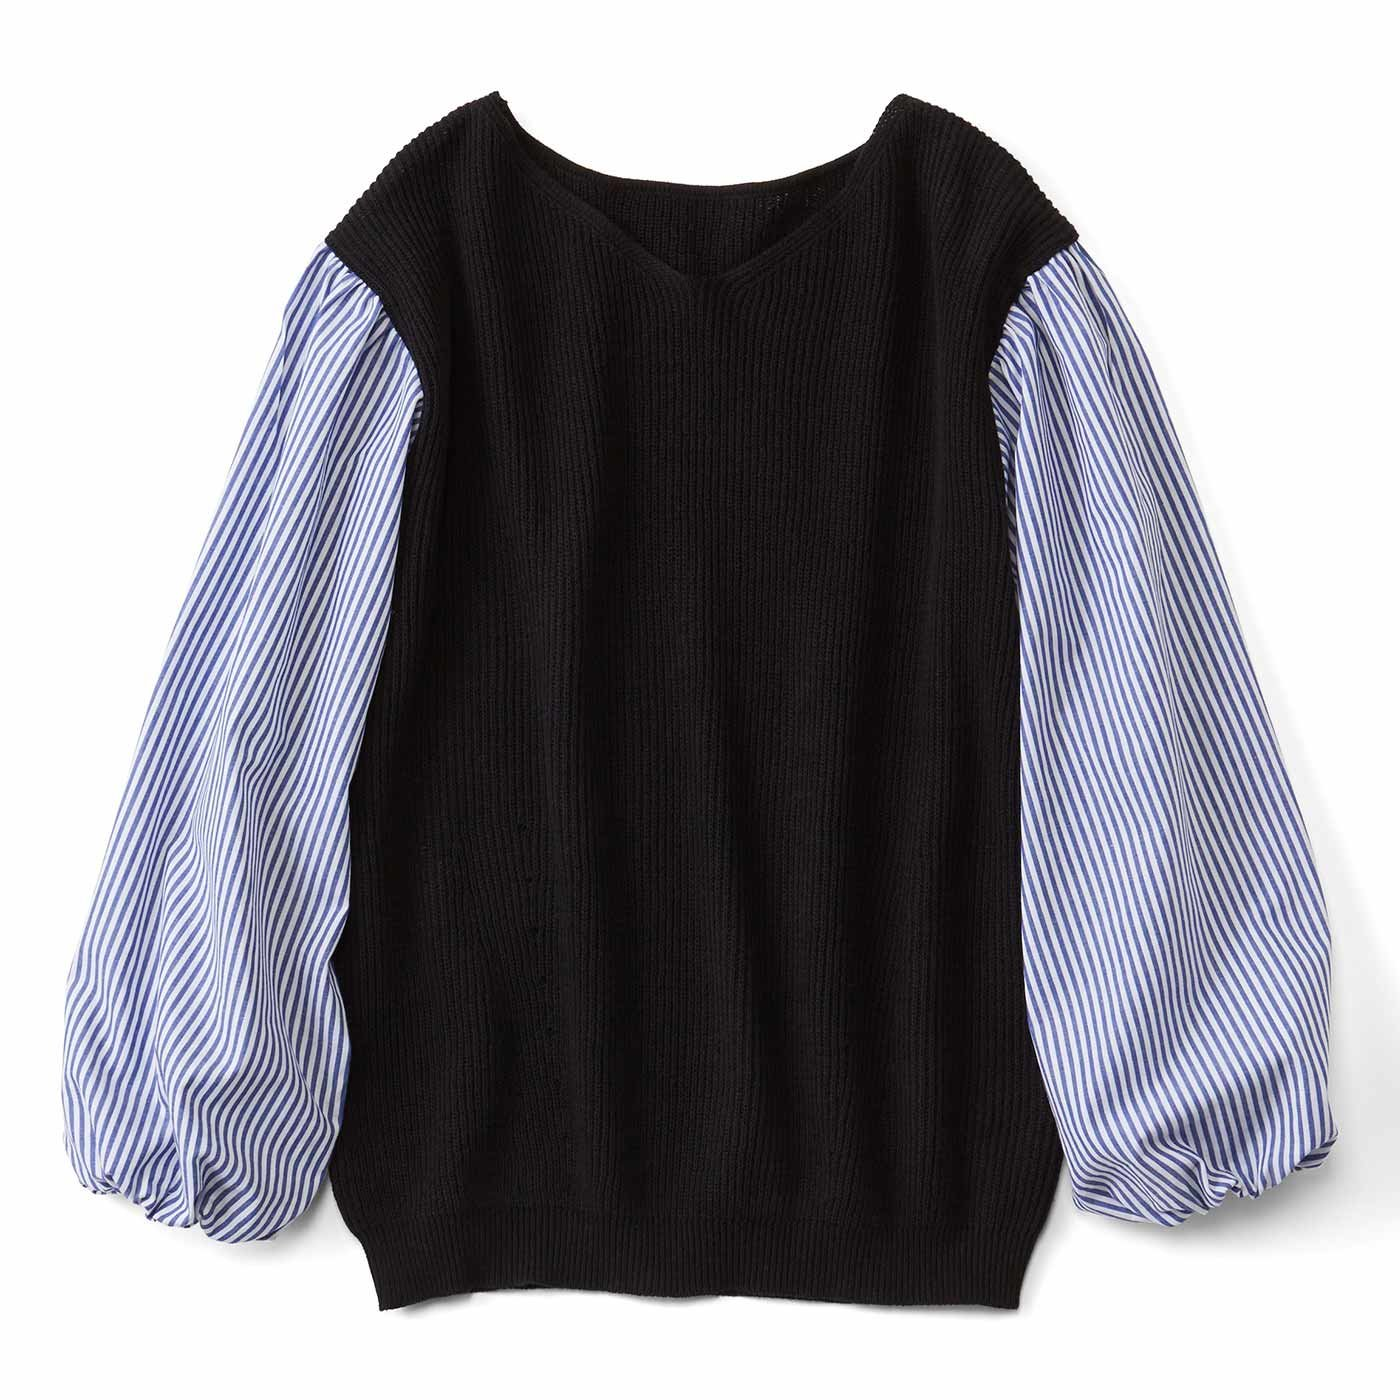 リブ イン コンフォート コットン100%の心地よさときちんと感を一枚で楽しむ 布はくドッキングニットトップス〈ブラック×ストライプ〉